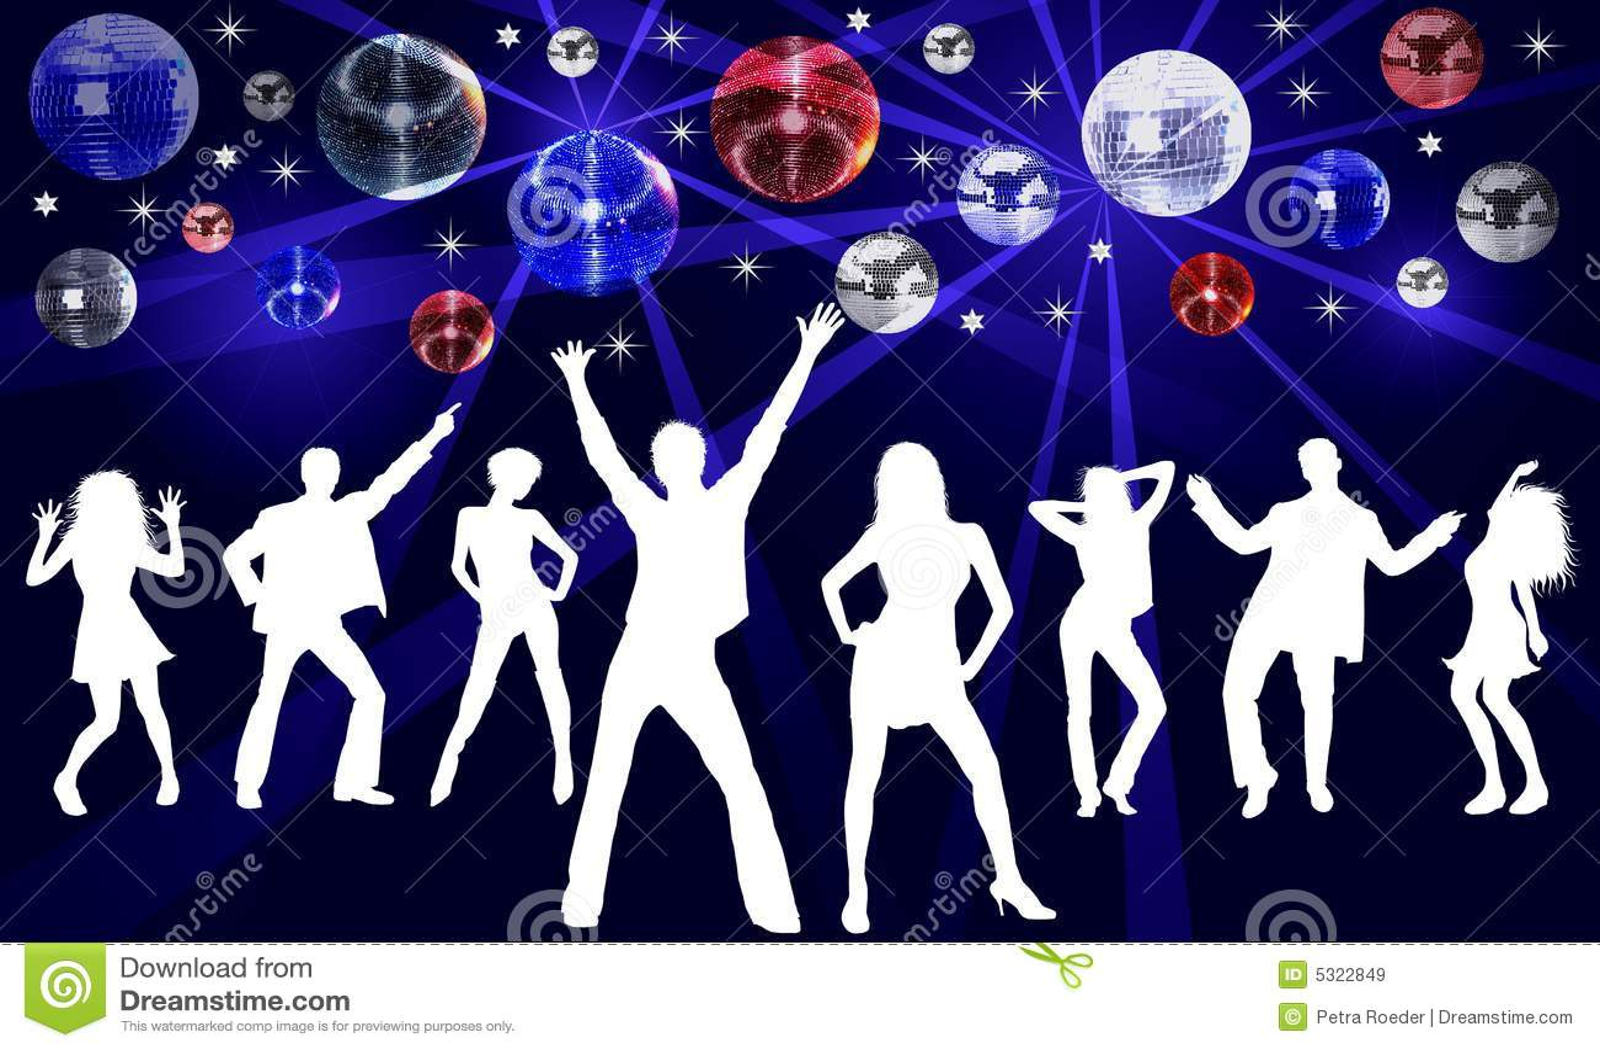 Disco Tanzen Abbildung Stock Abbildung Bild Von Viele